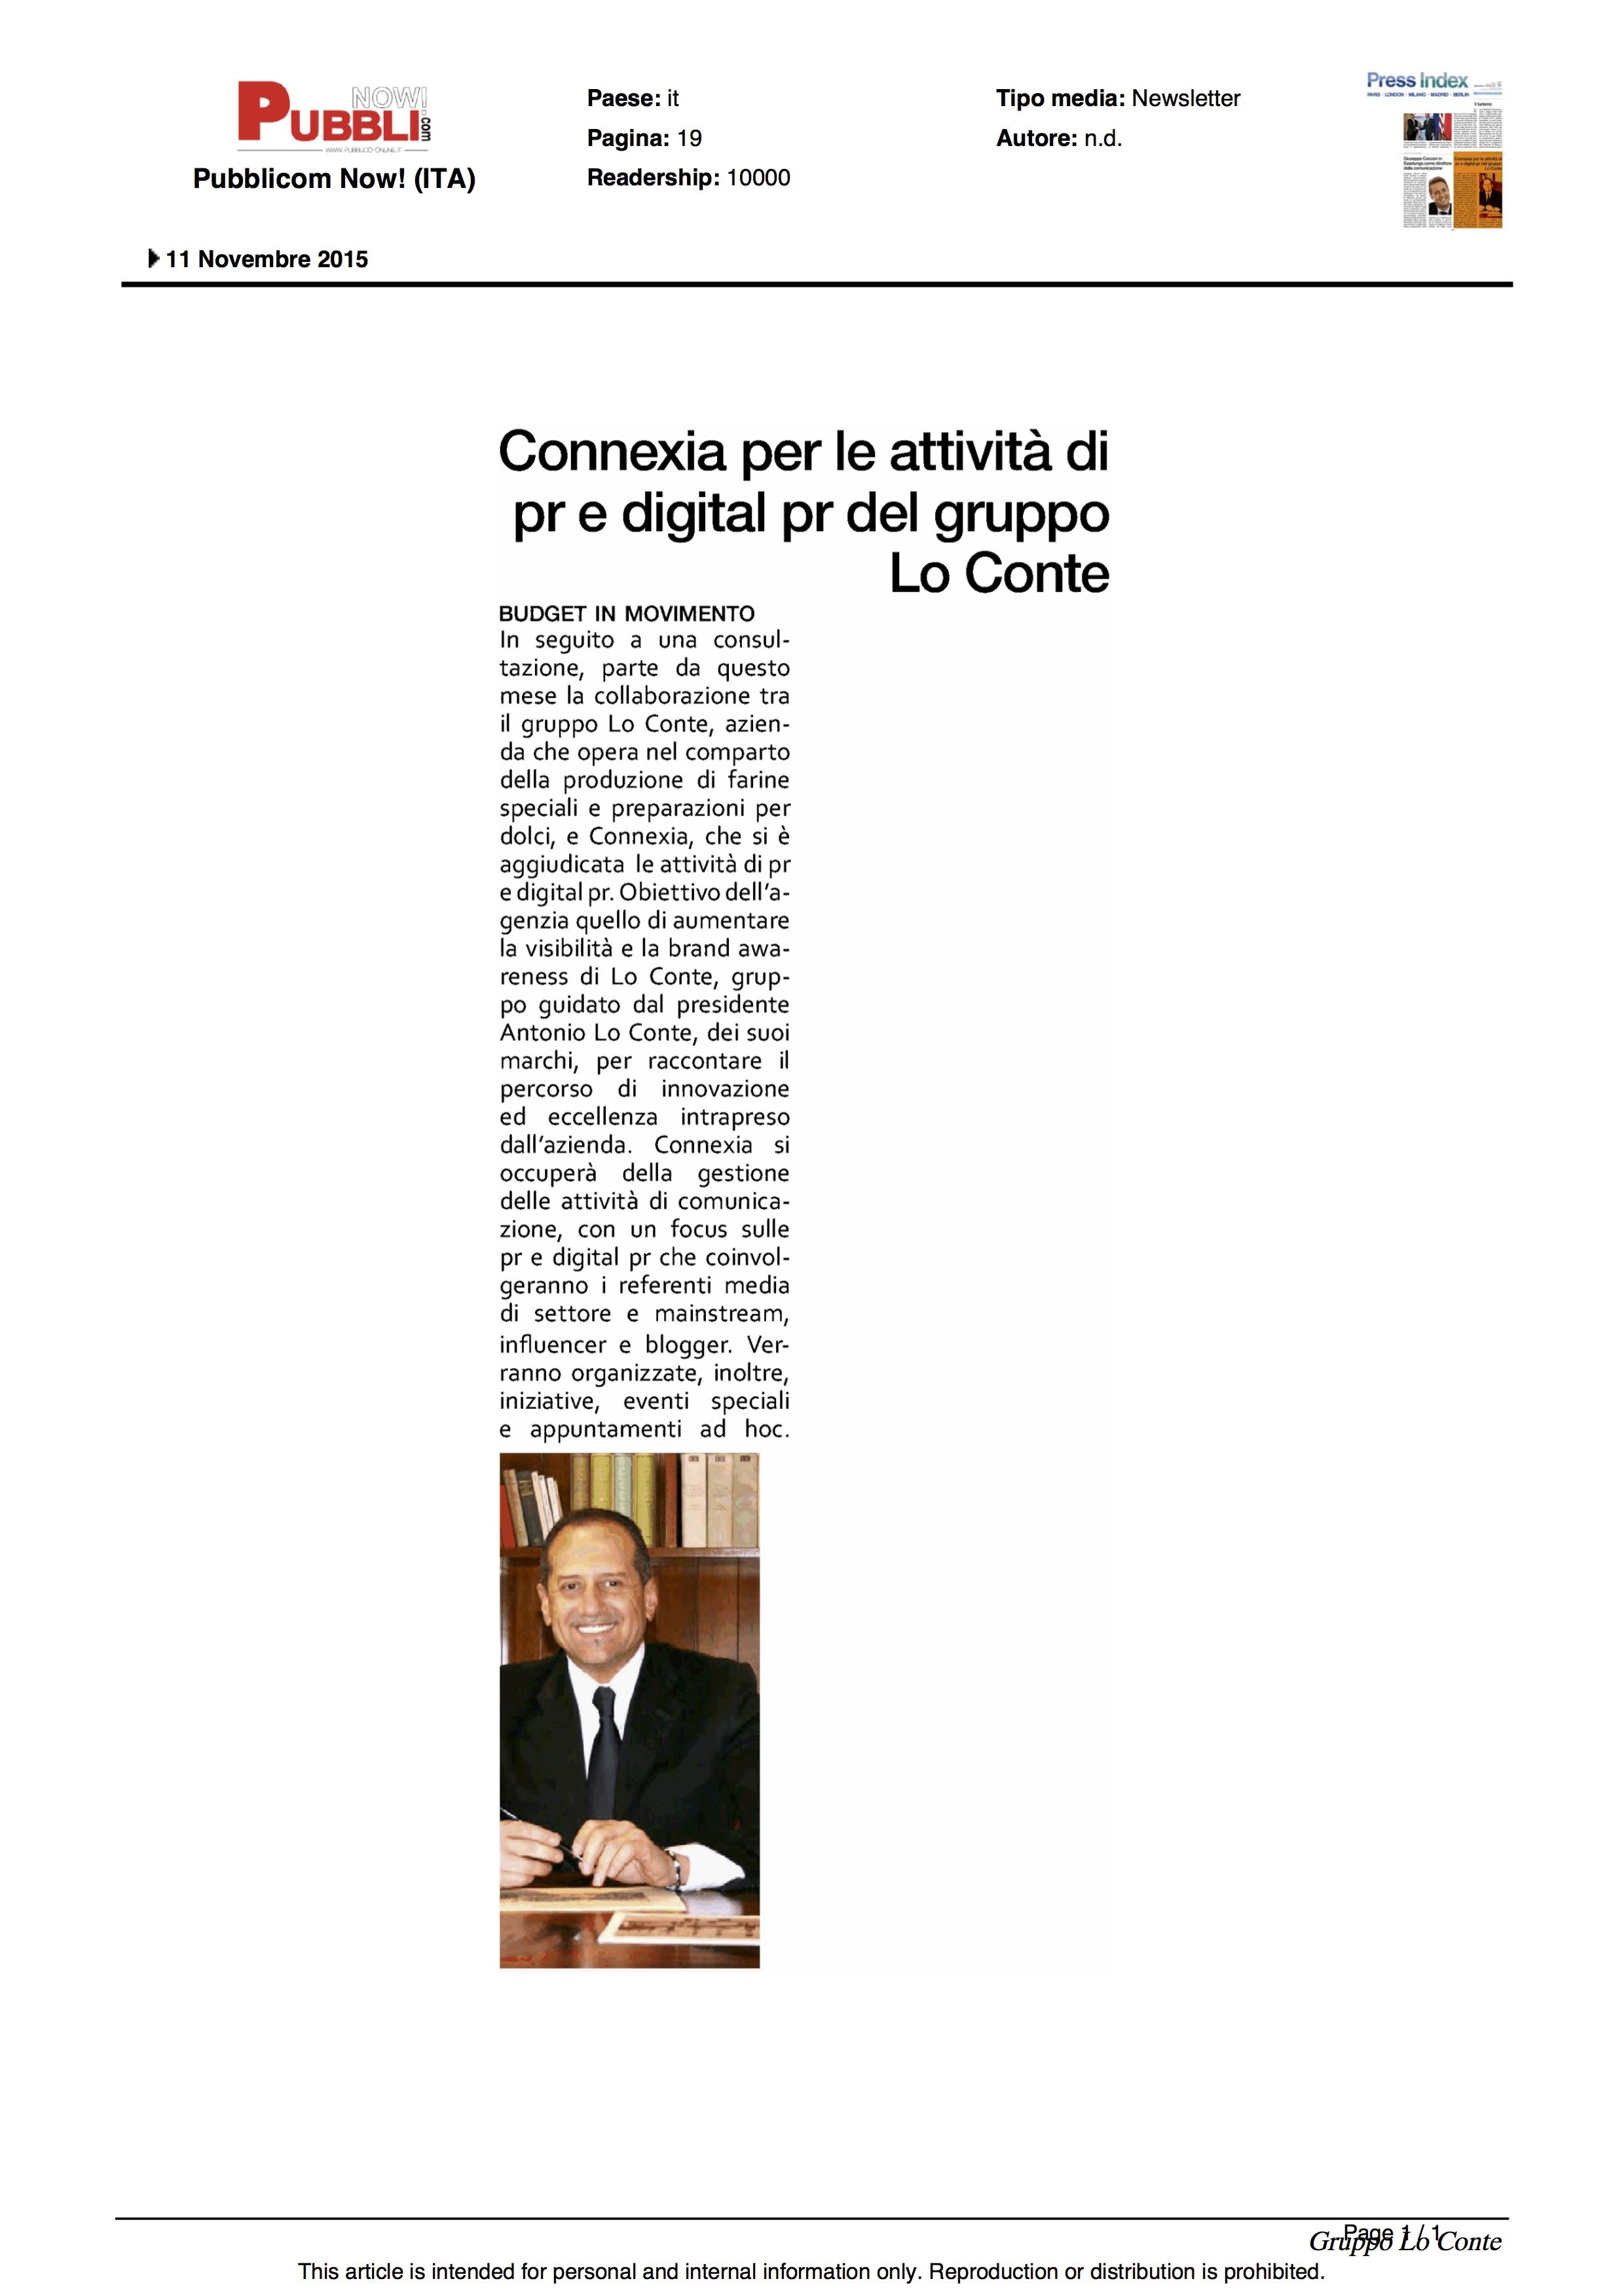 11.11.2015_PUBBLICOM NOW ITALIA